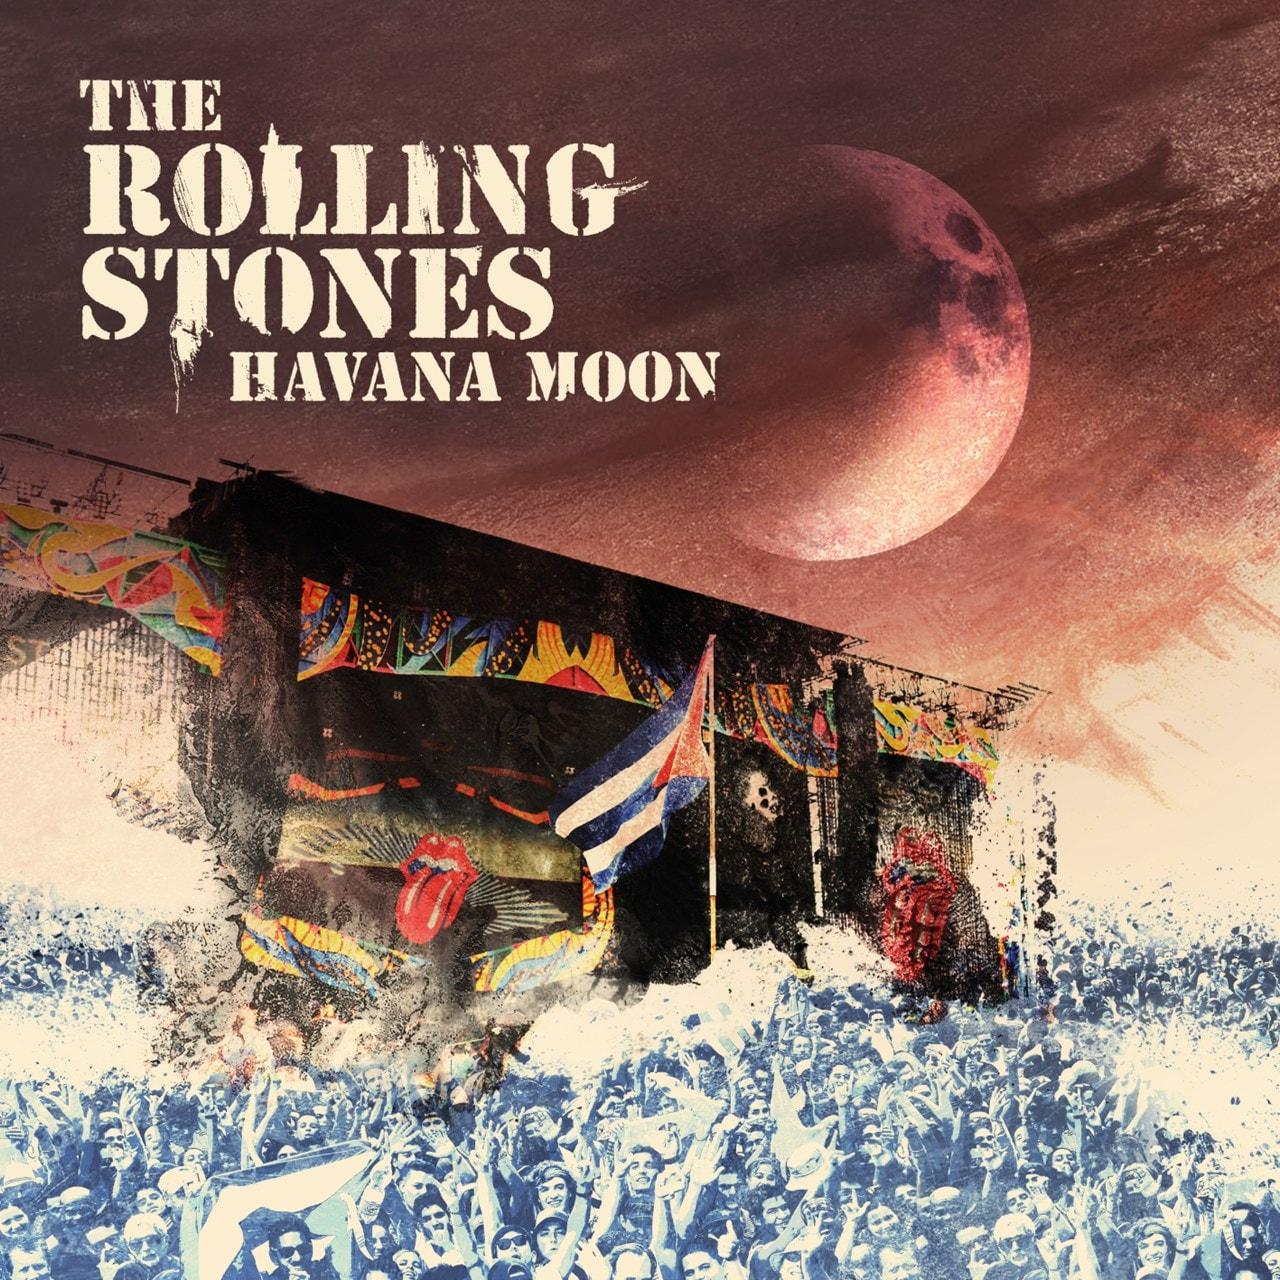 The Rolling Stones: Havana Moon - 1